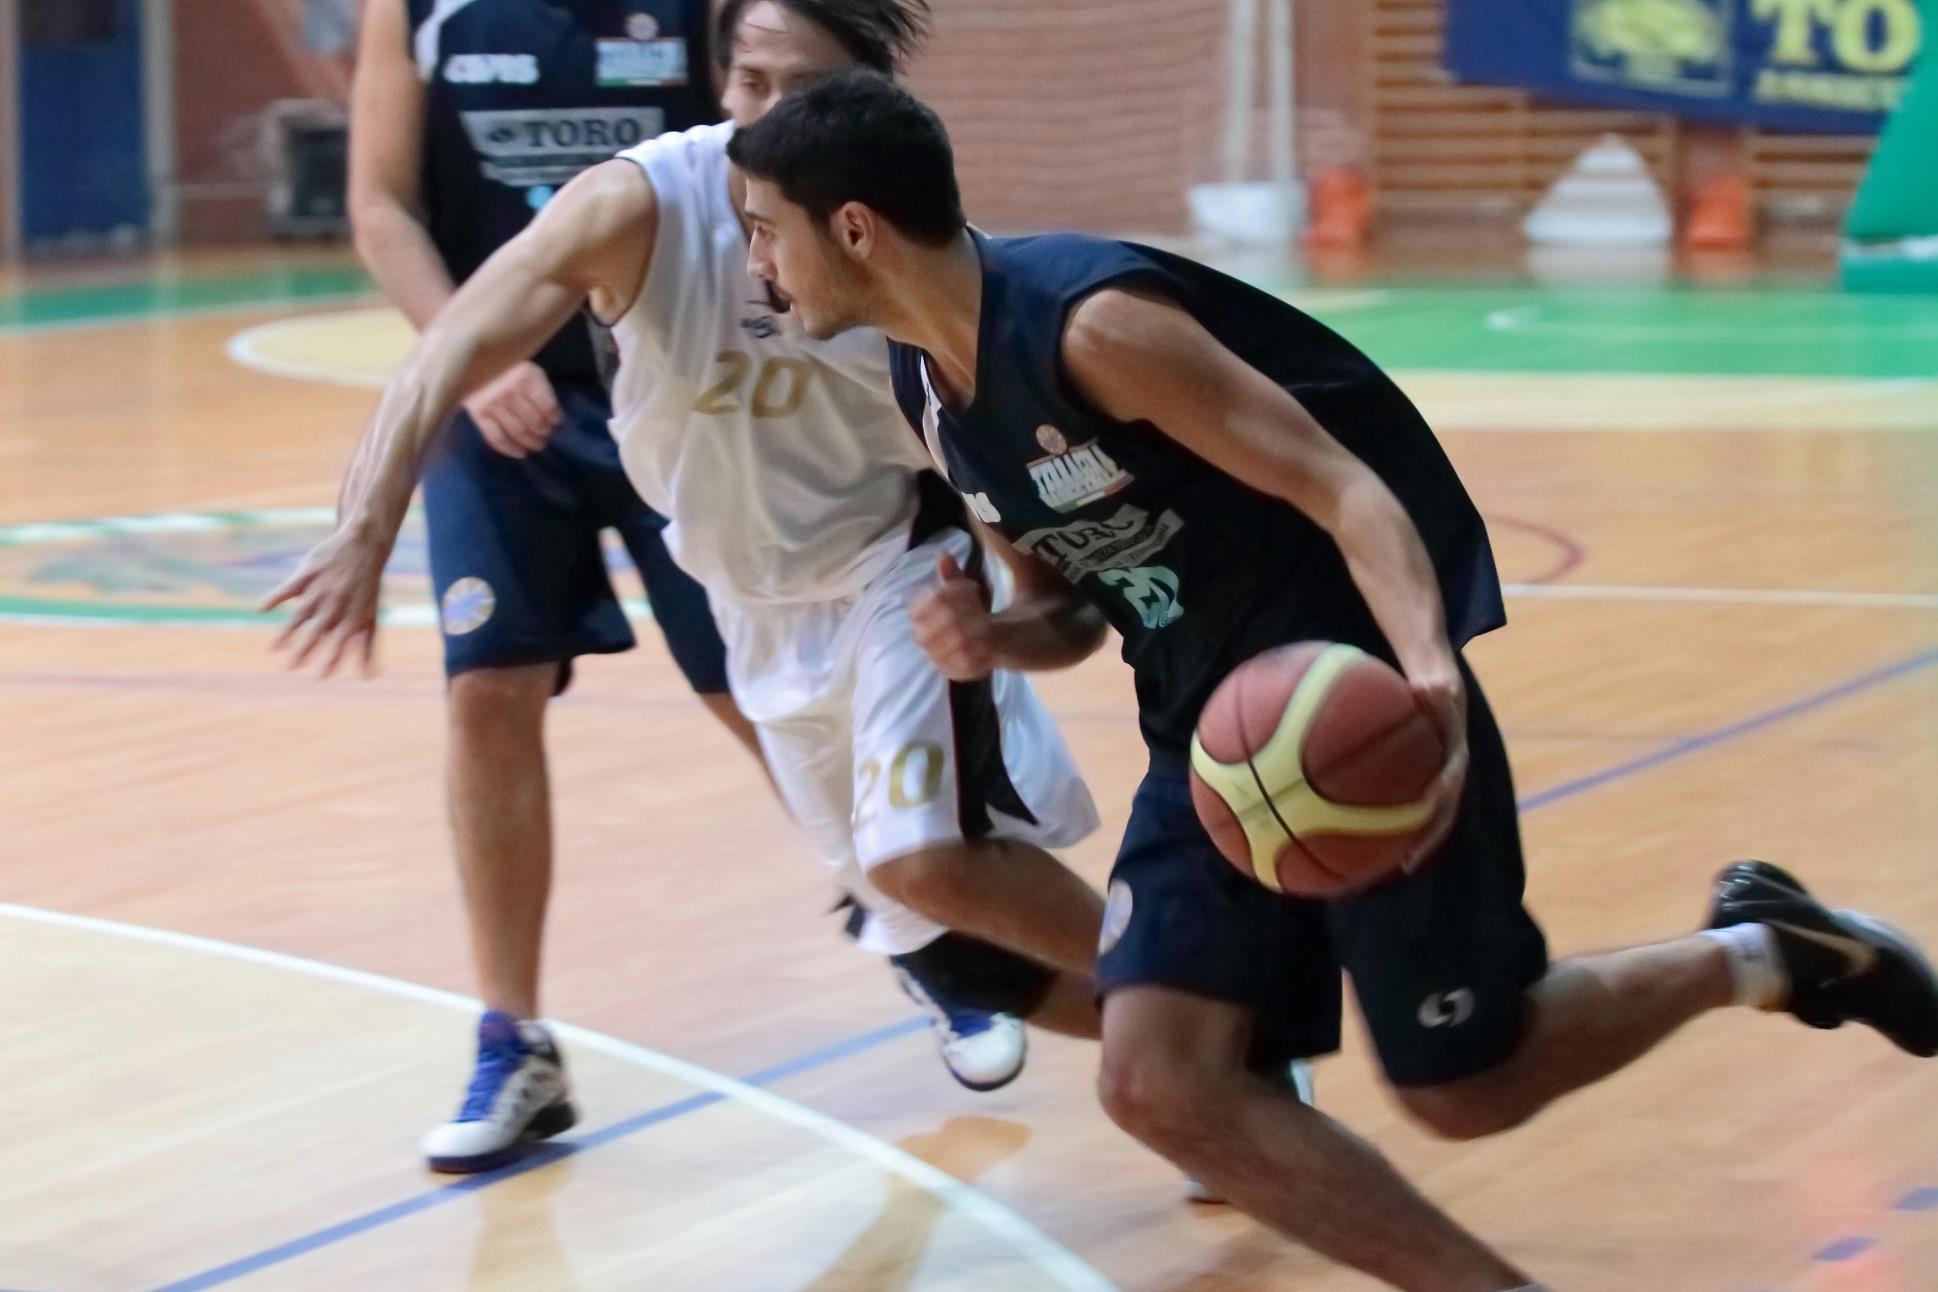 promozione-diramati-i-calendari-del-girone-sudpontino-basket-terracina-unica-rappresentante-cittadina